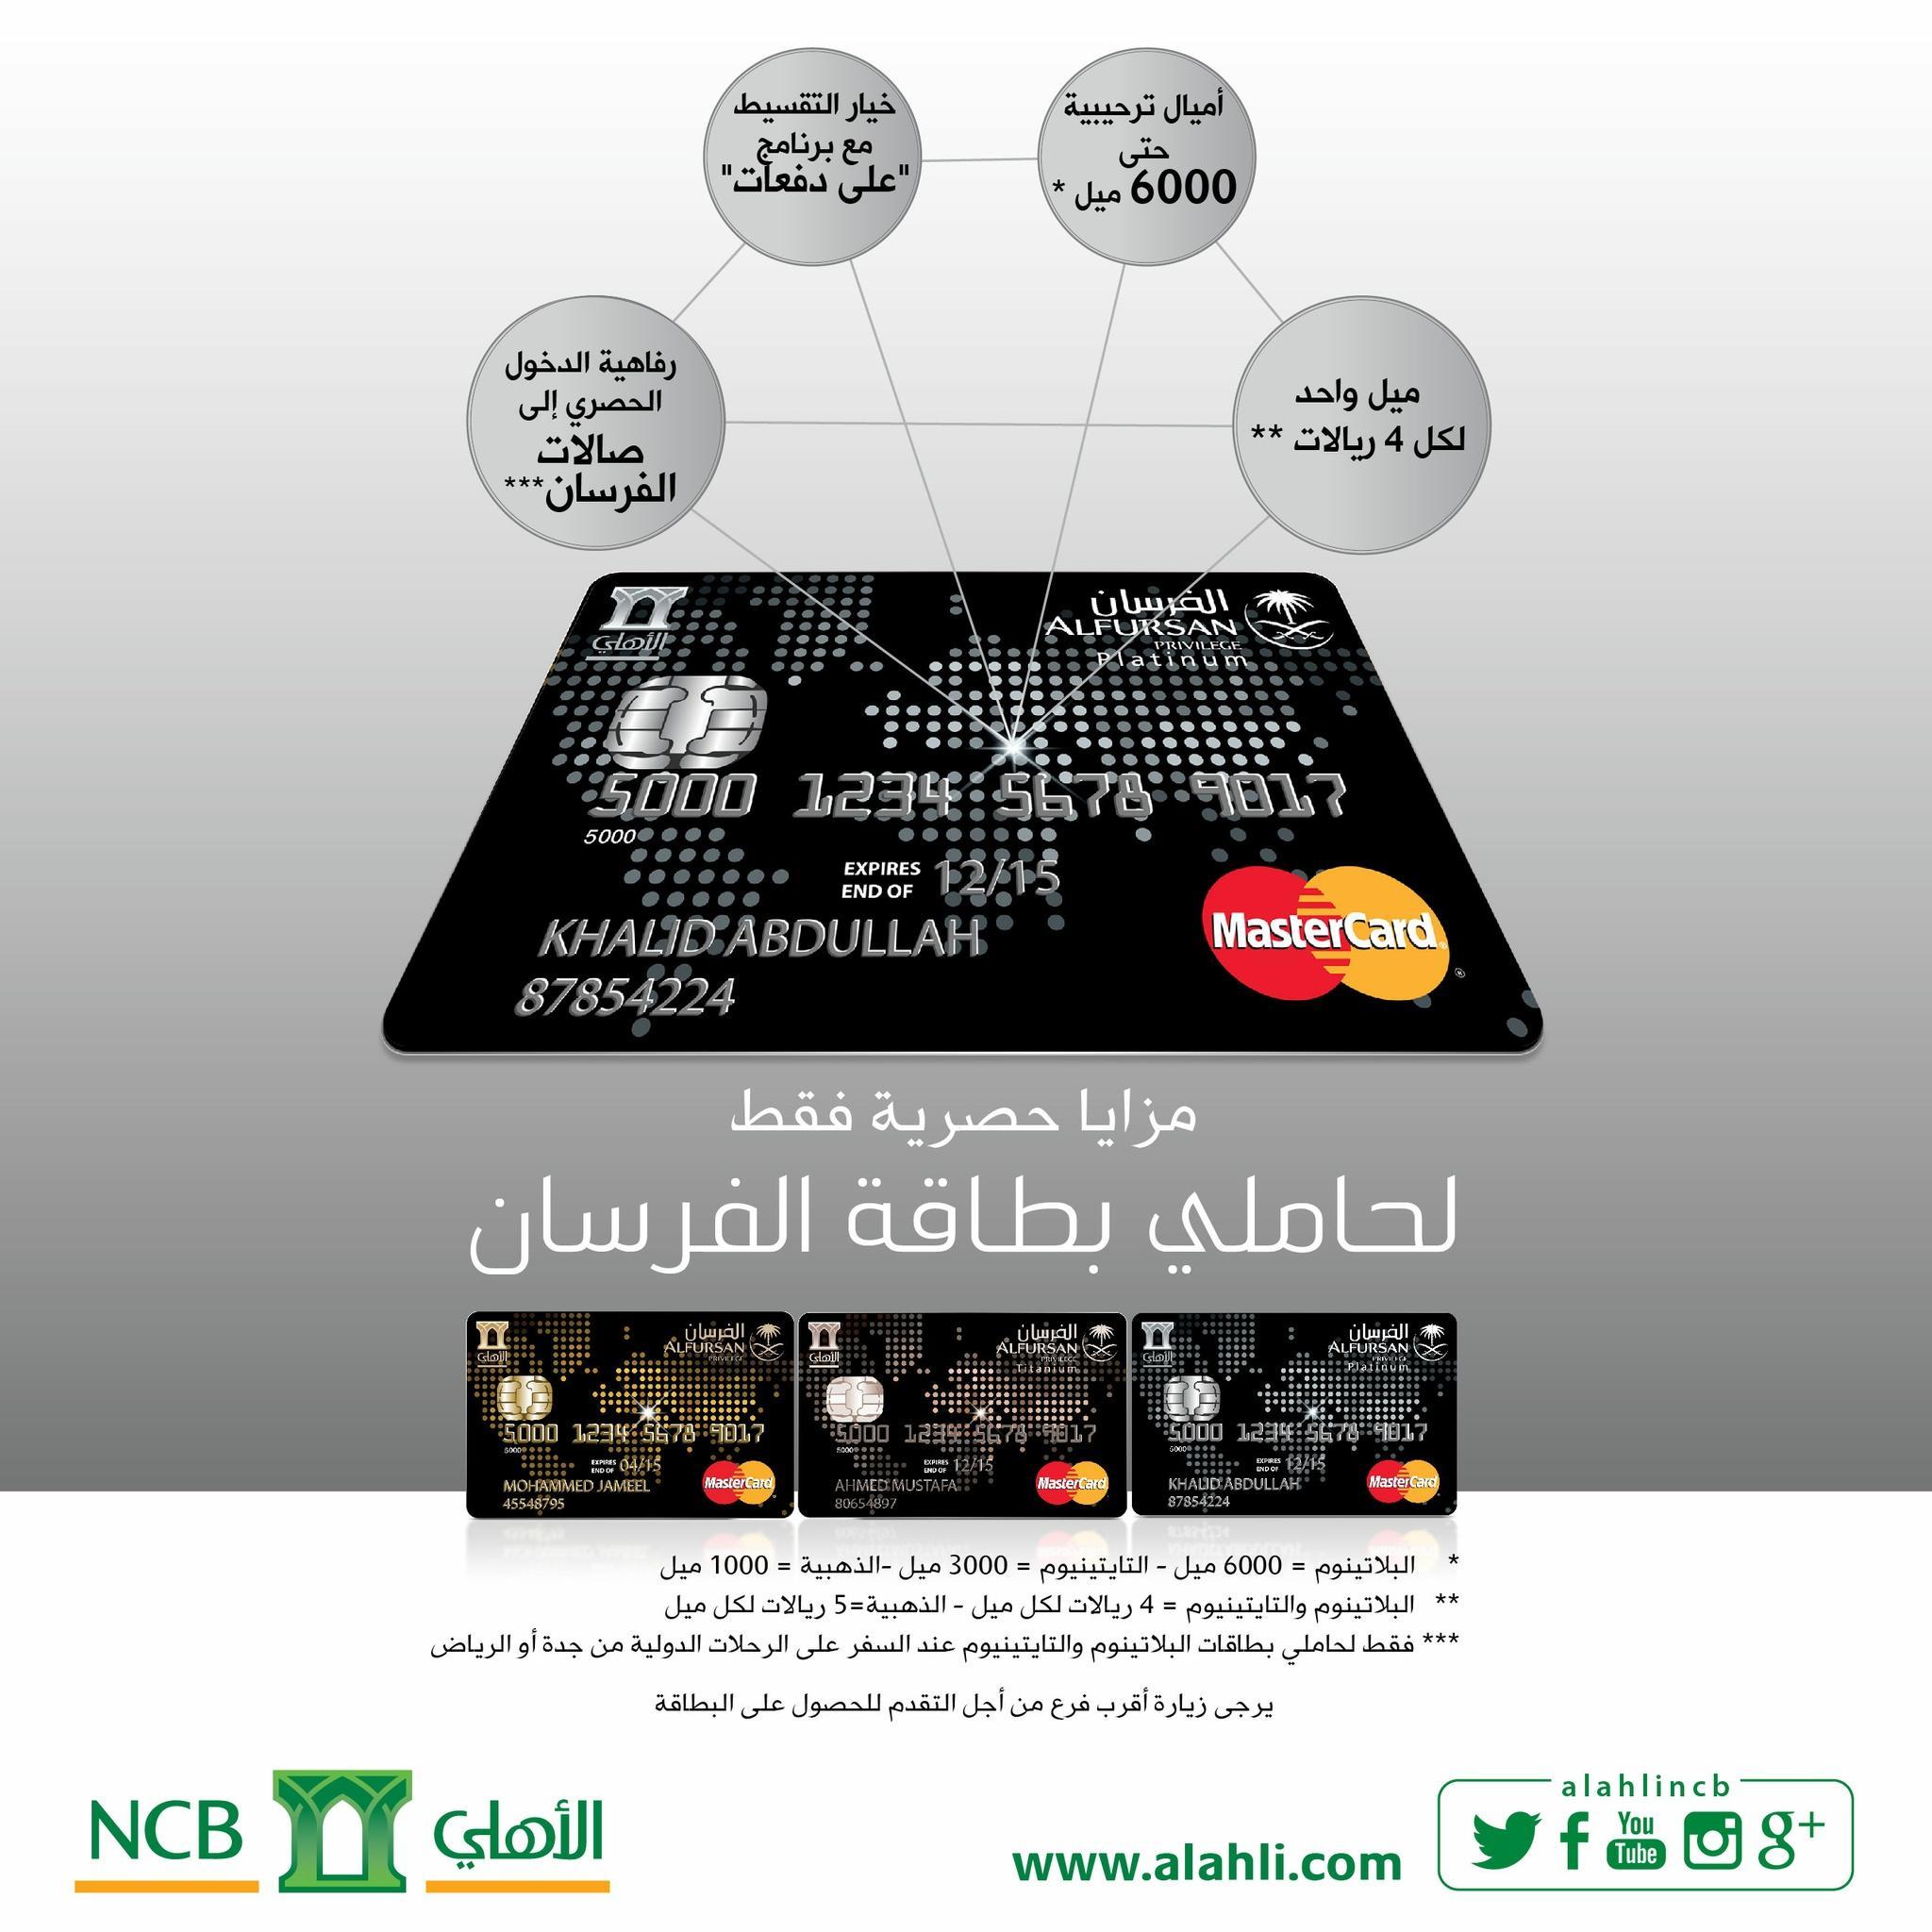 البنك الأهلي التجاري A Twitteren مزايا حصرية لحاملي بطاقة الفرسان الأهلي الائتمانية Http T Co 4c2qypgyoo Http T Co Ylaapohybi